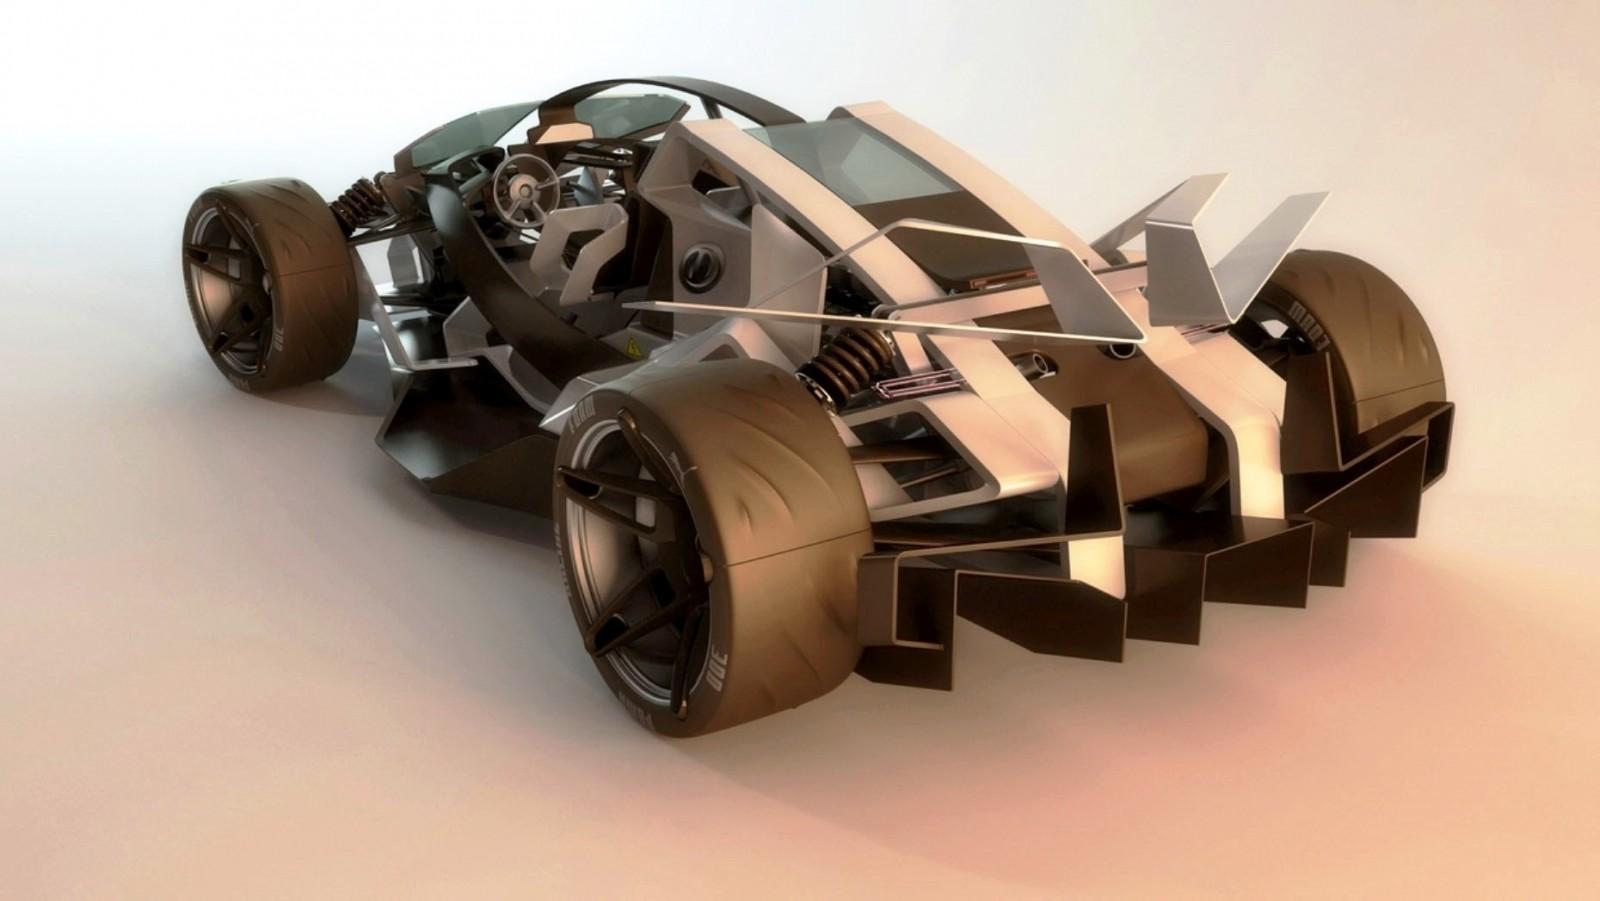 2020 Puma Boulevard Racer by Sabino Leerentveld 28